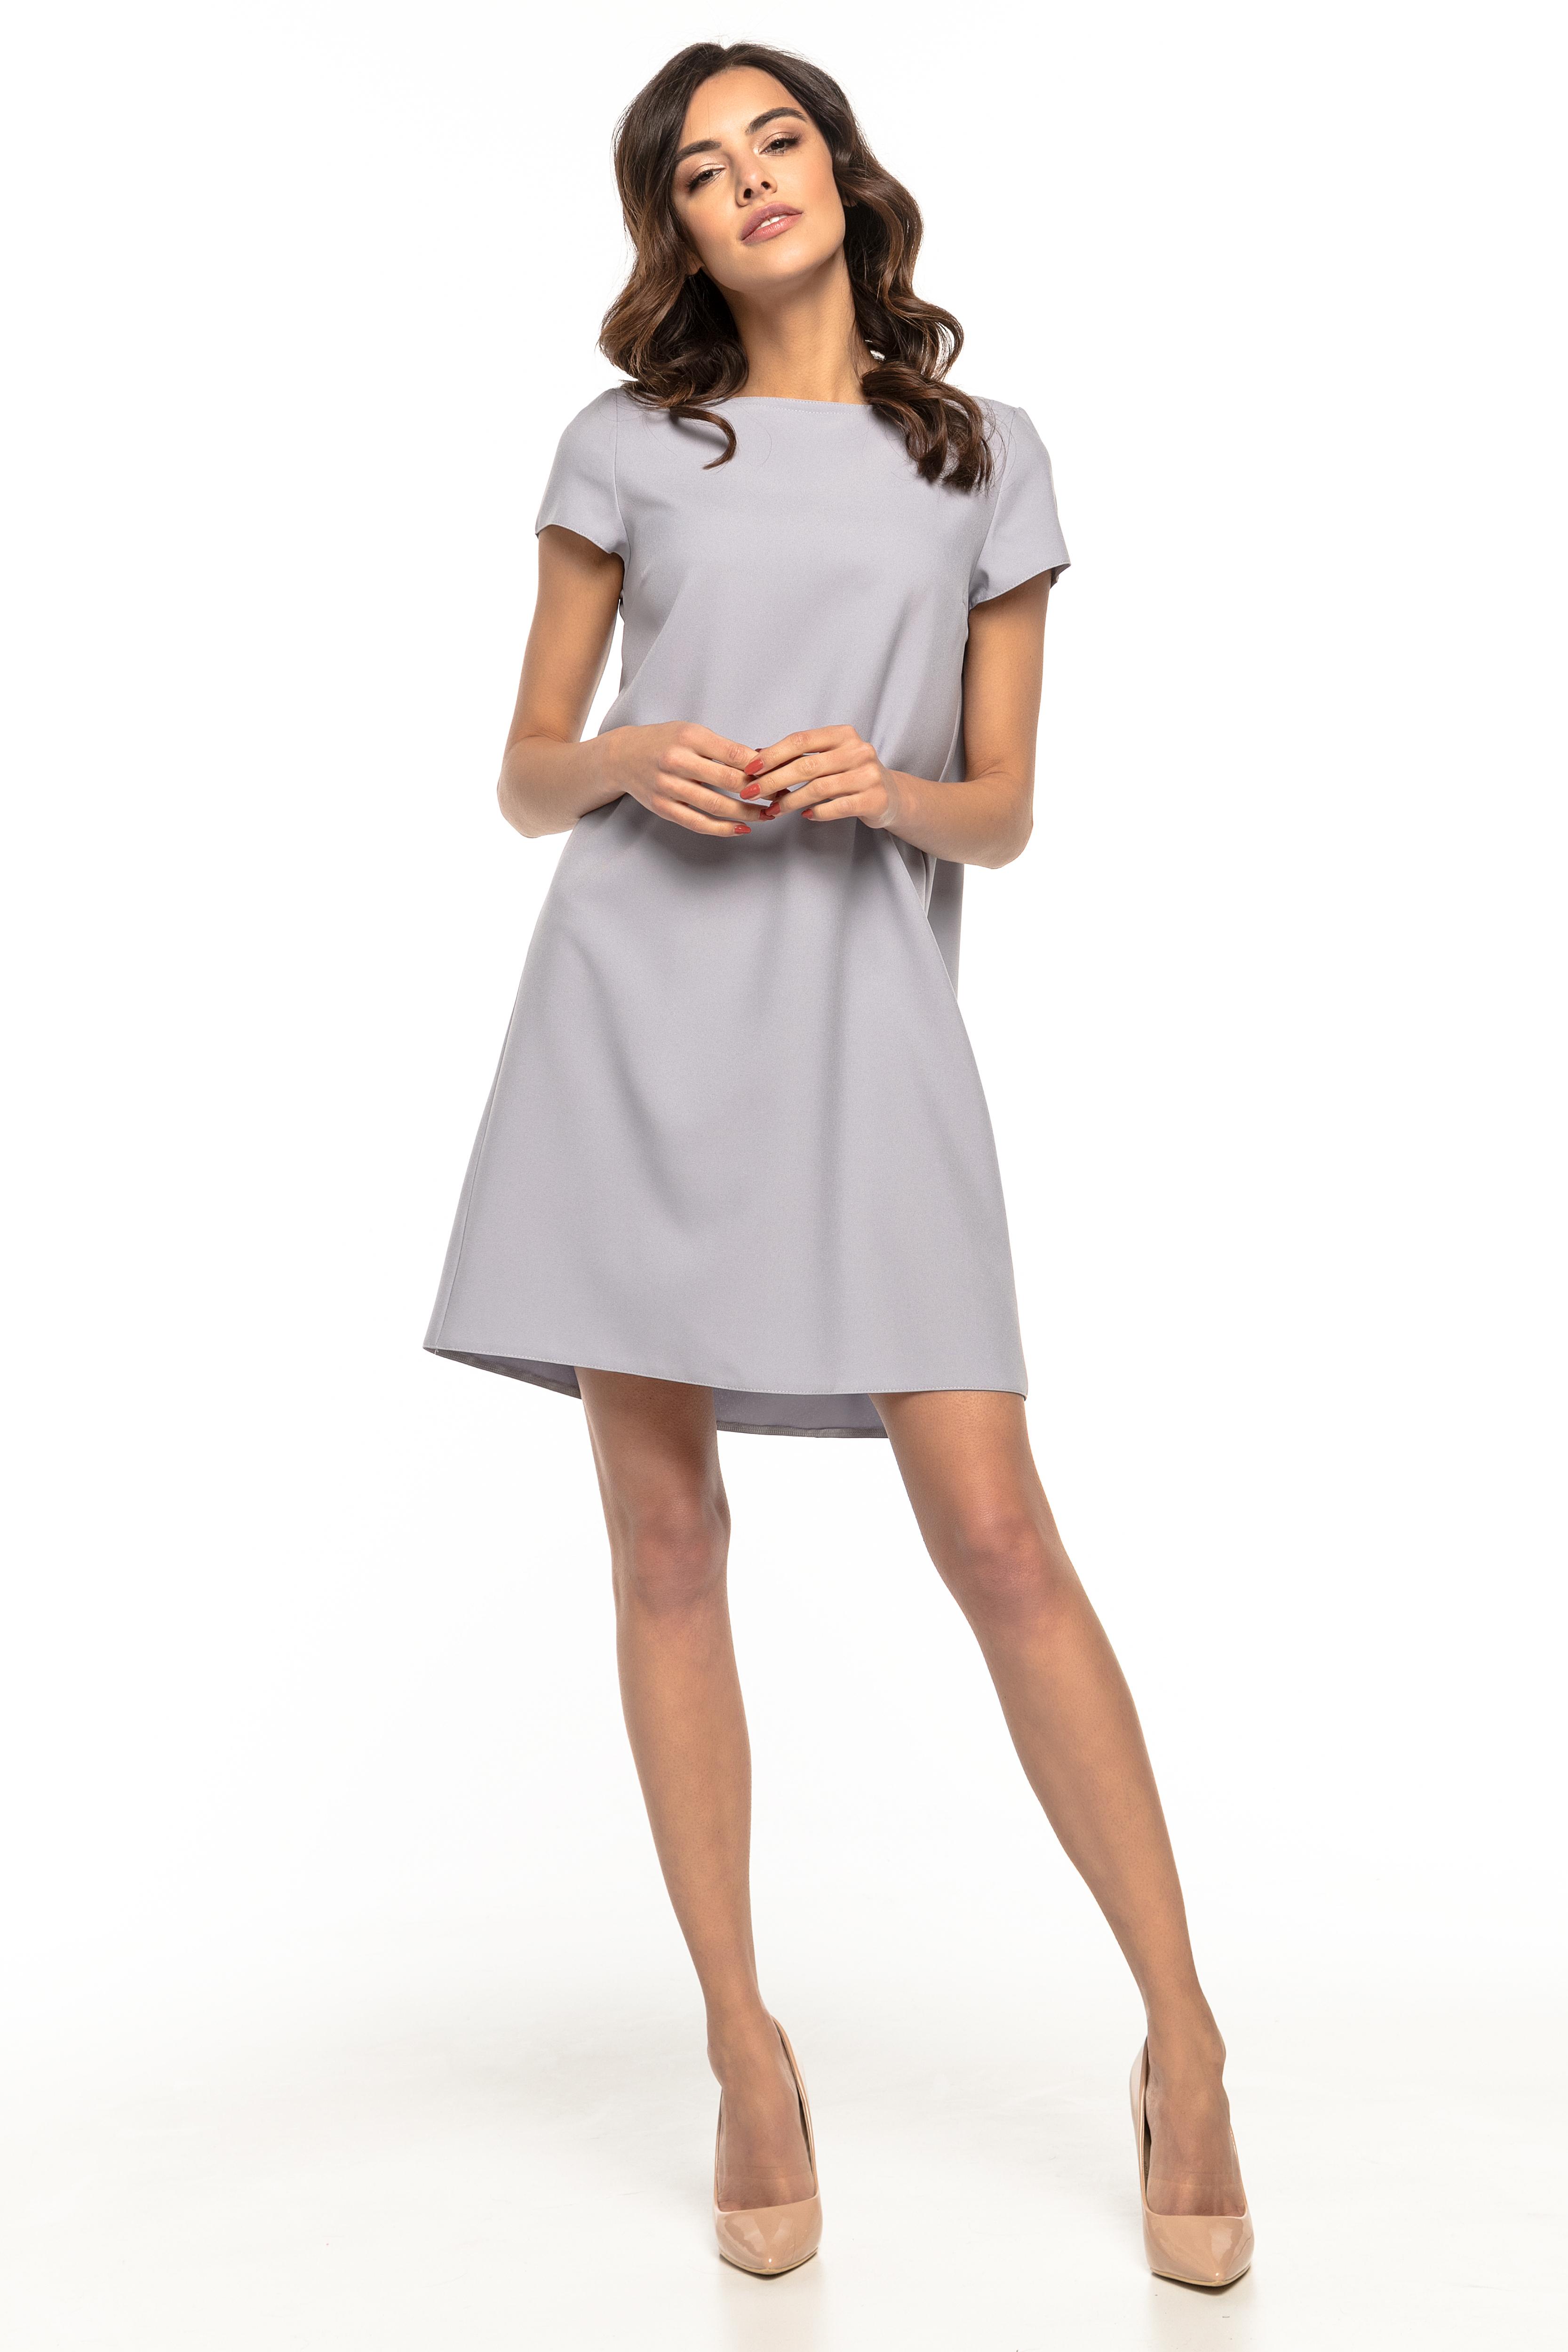 4610963707 Sukienka trapezowa elegancka szara - tania dostawa już od 5